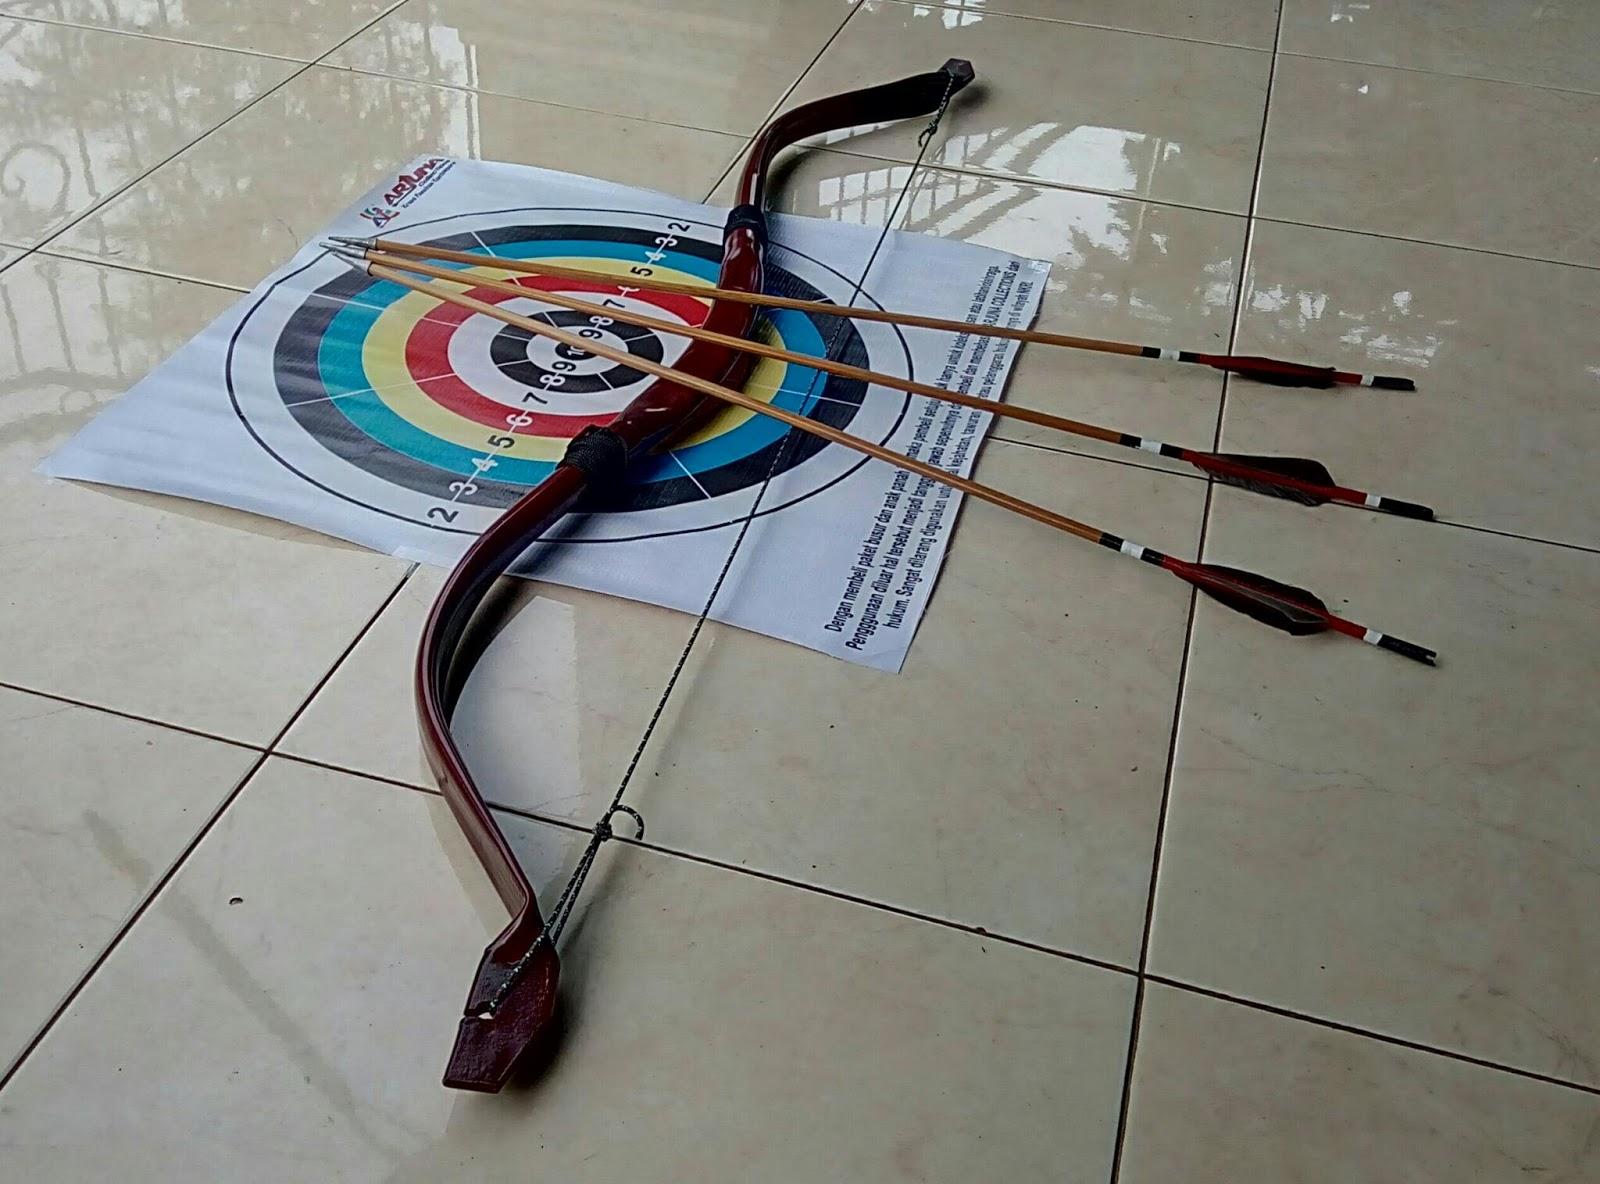 Kreasi Panahan Kontemporer Arjuna Collections Galeri Packing Face Target Satu Paket Busur 3 Anak Panah Dan 1 Archerykreasi Jual